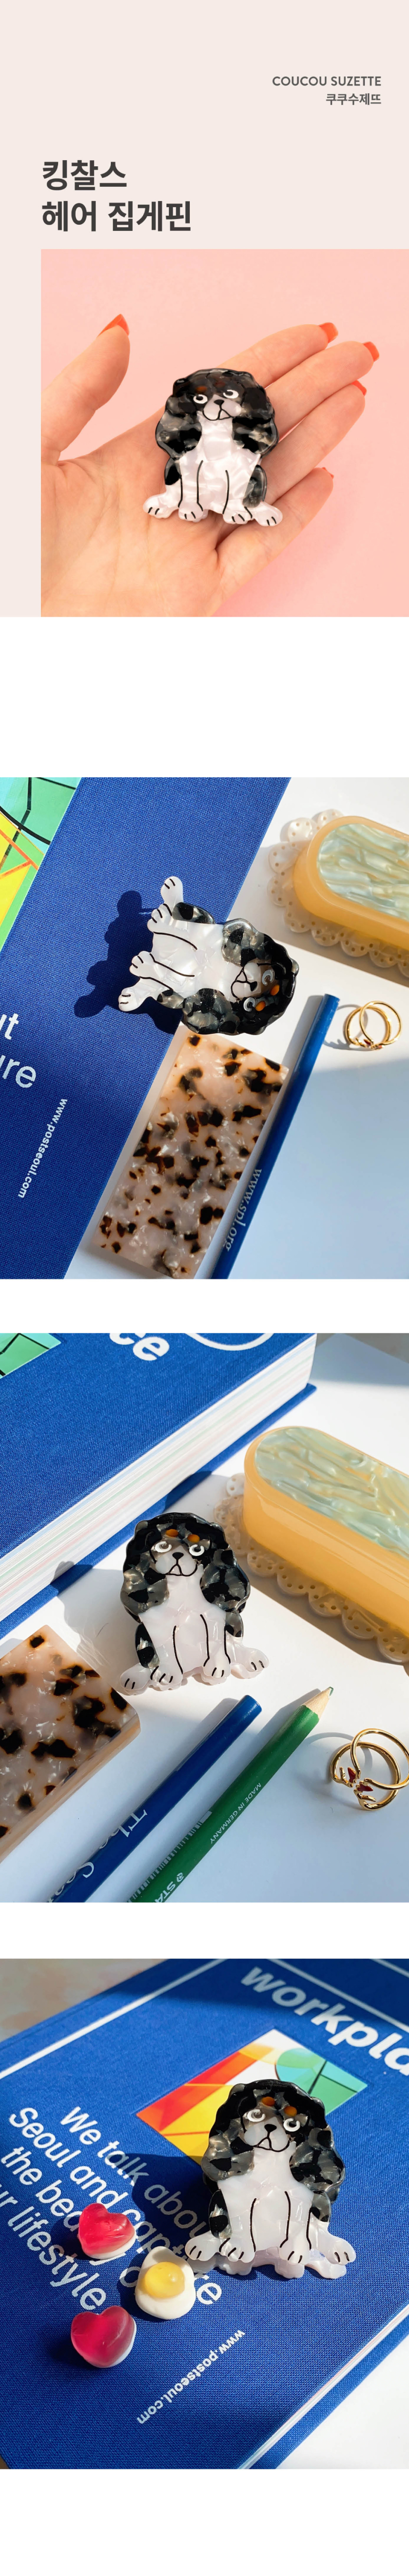 악세사리 블루 색상 이미지-S1L4